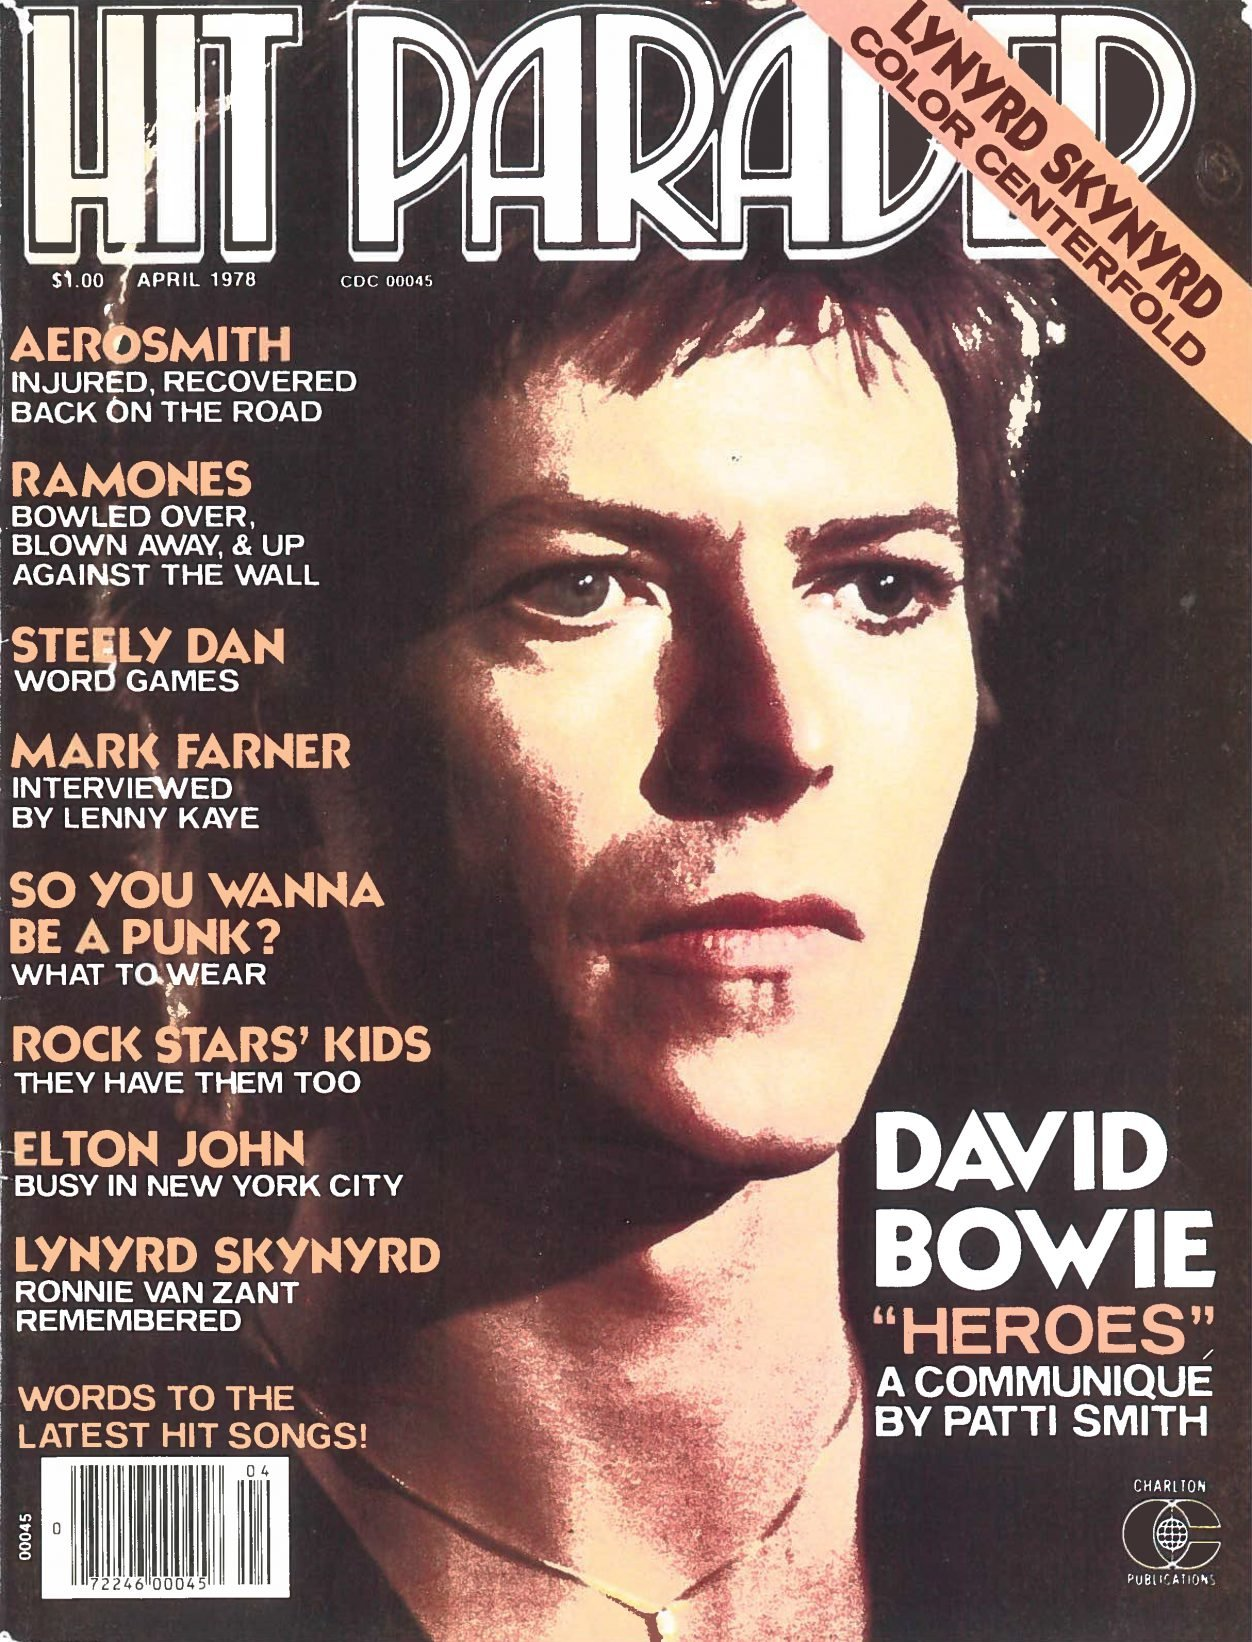 Heroes Patti Smith recensione 1978